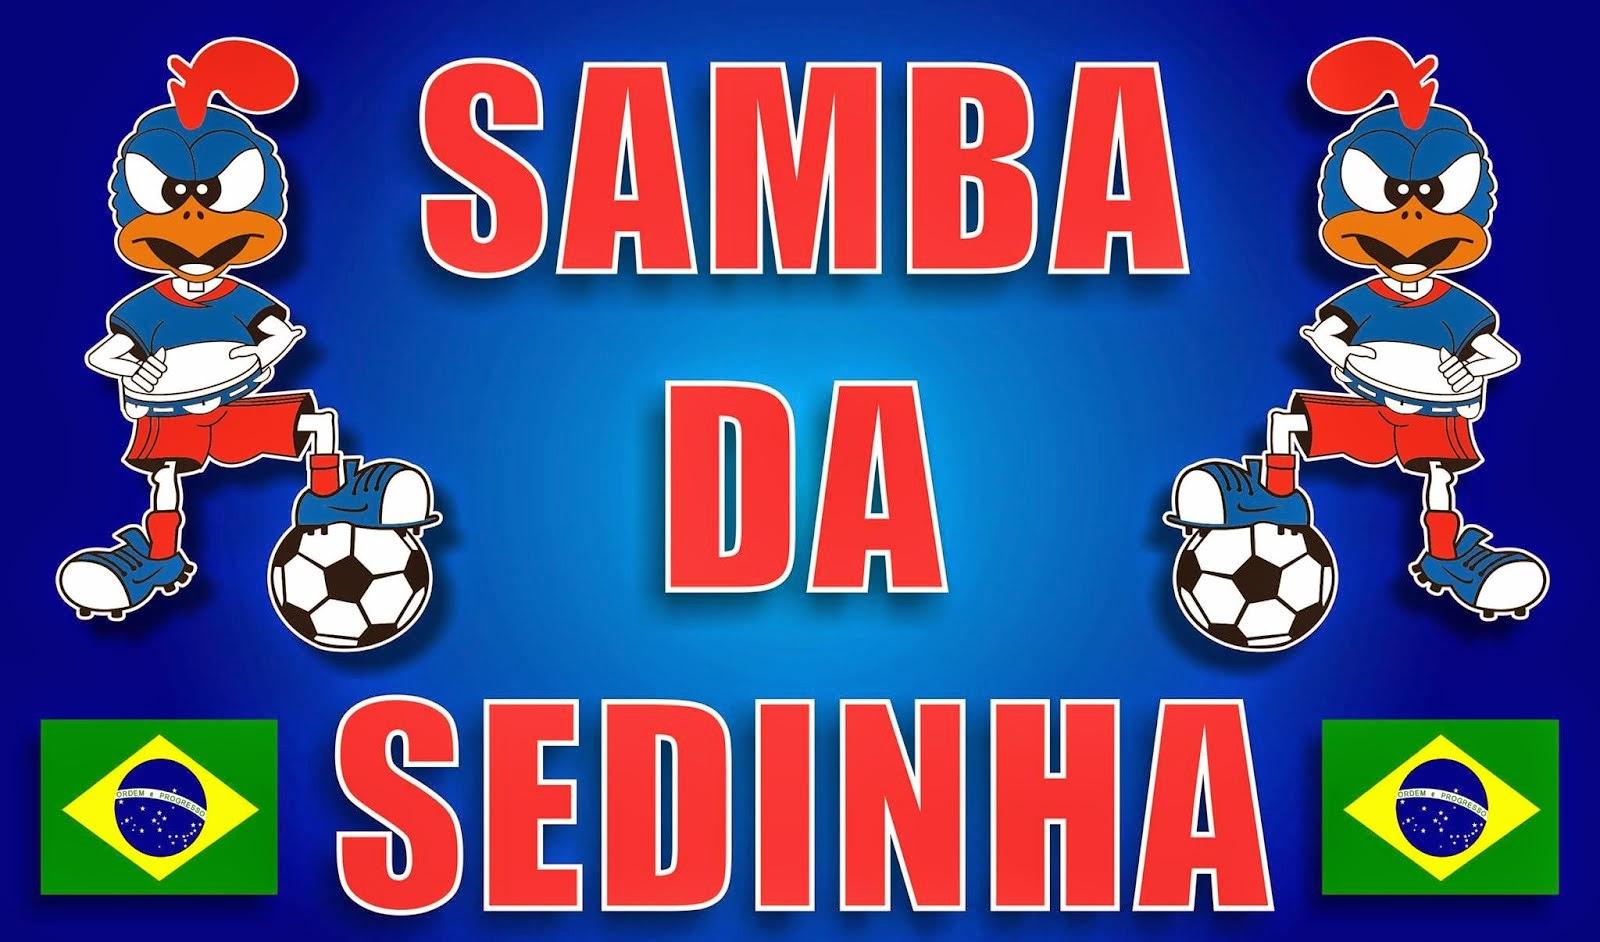 SAMBA DA SEDINHA